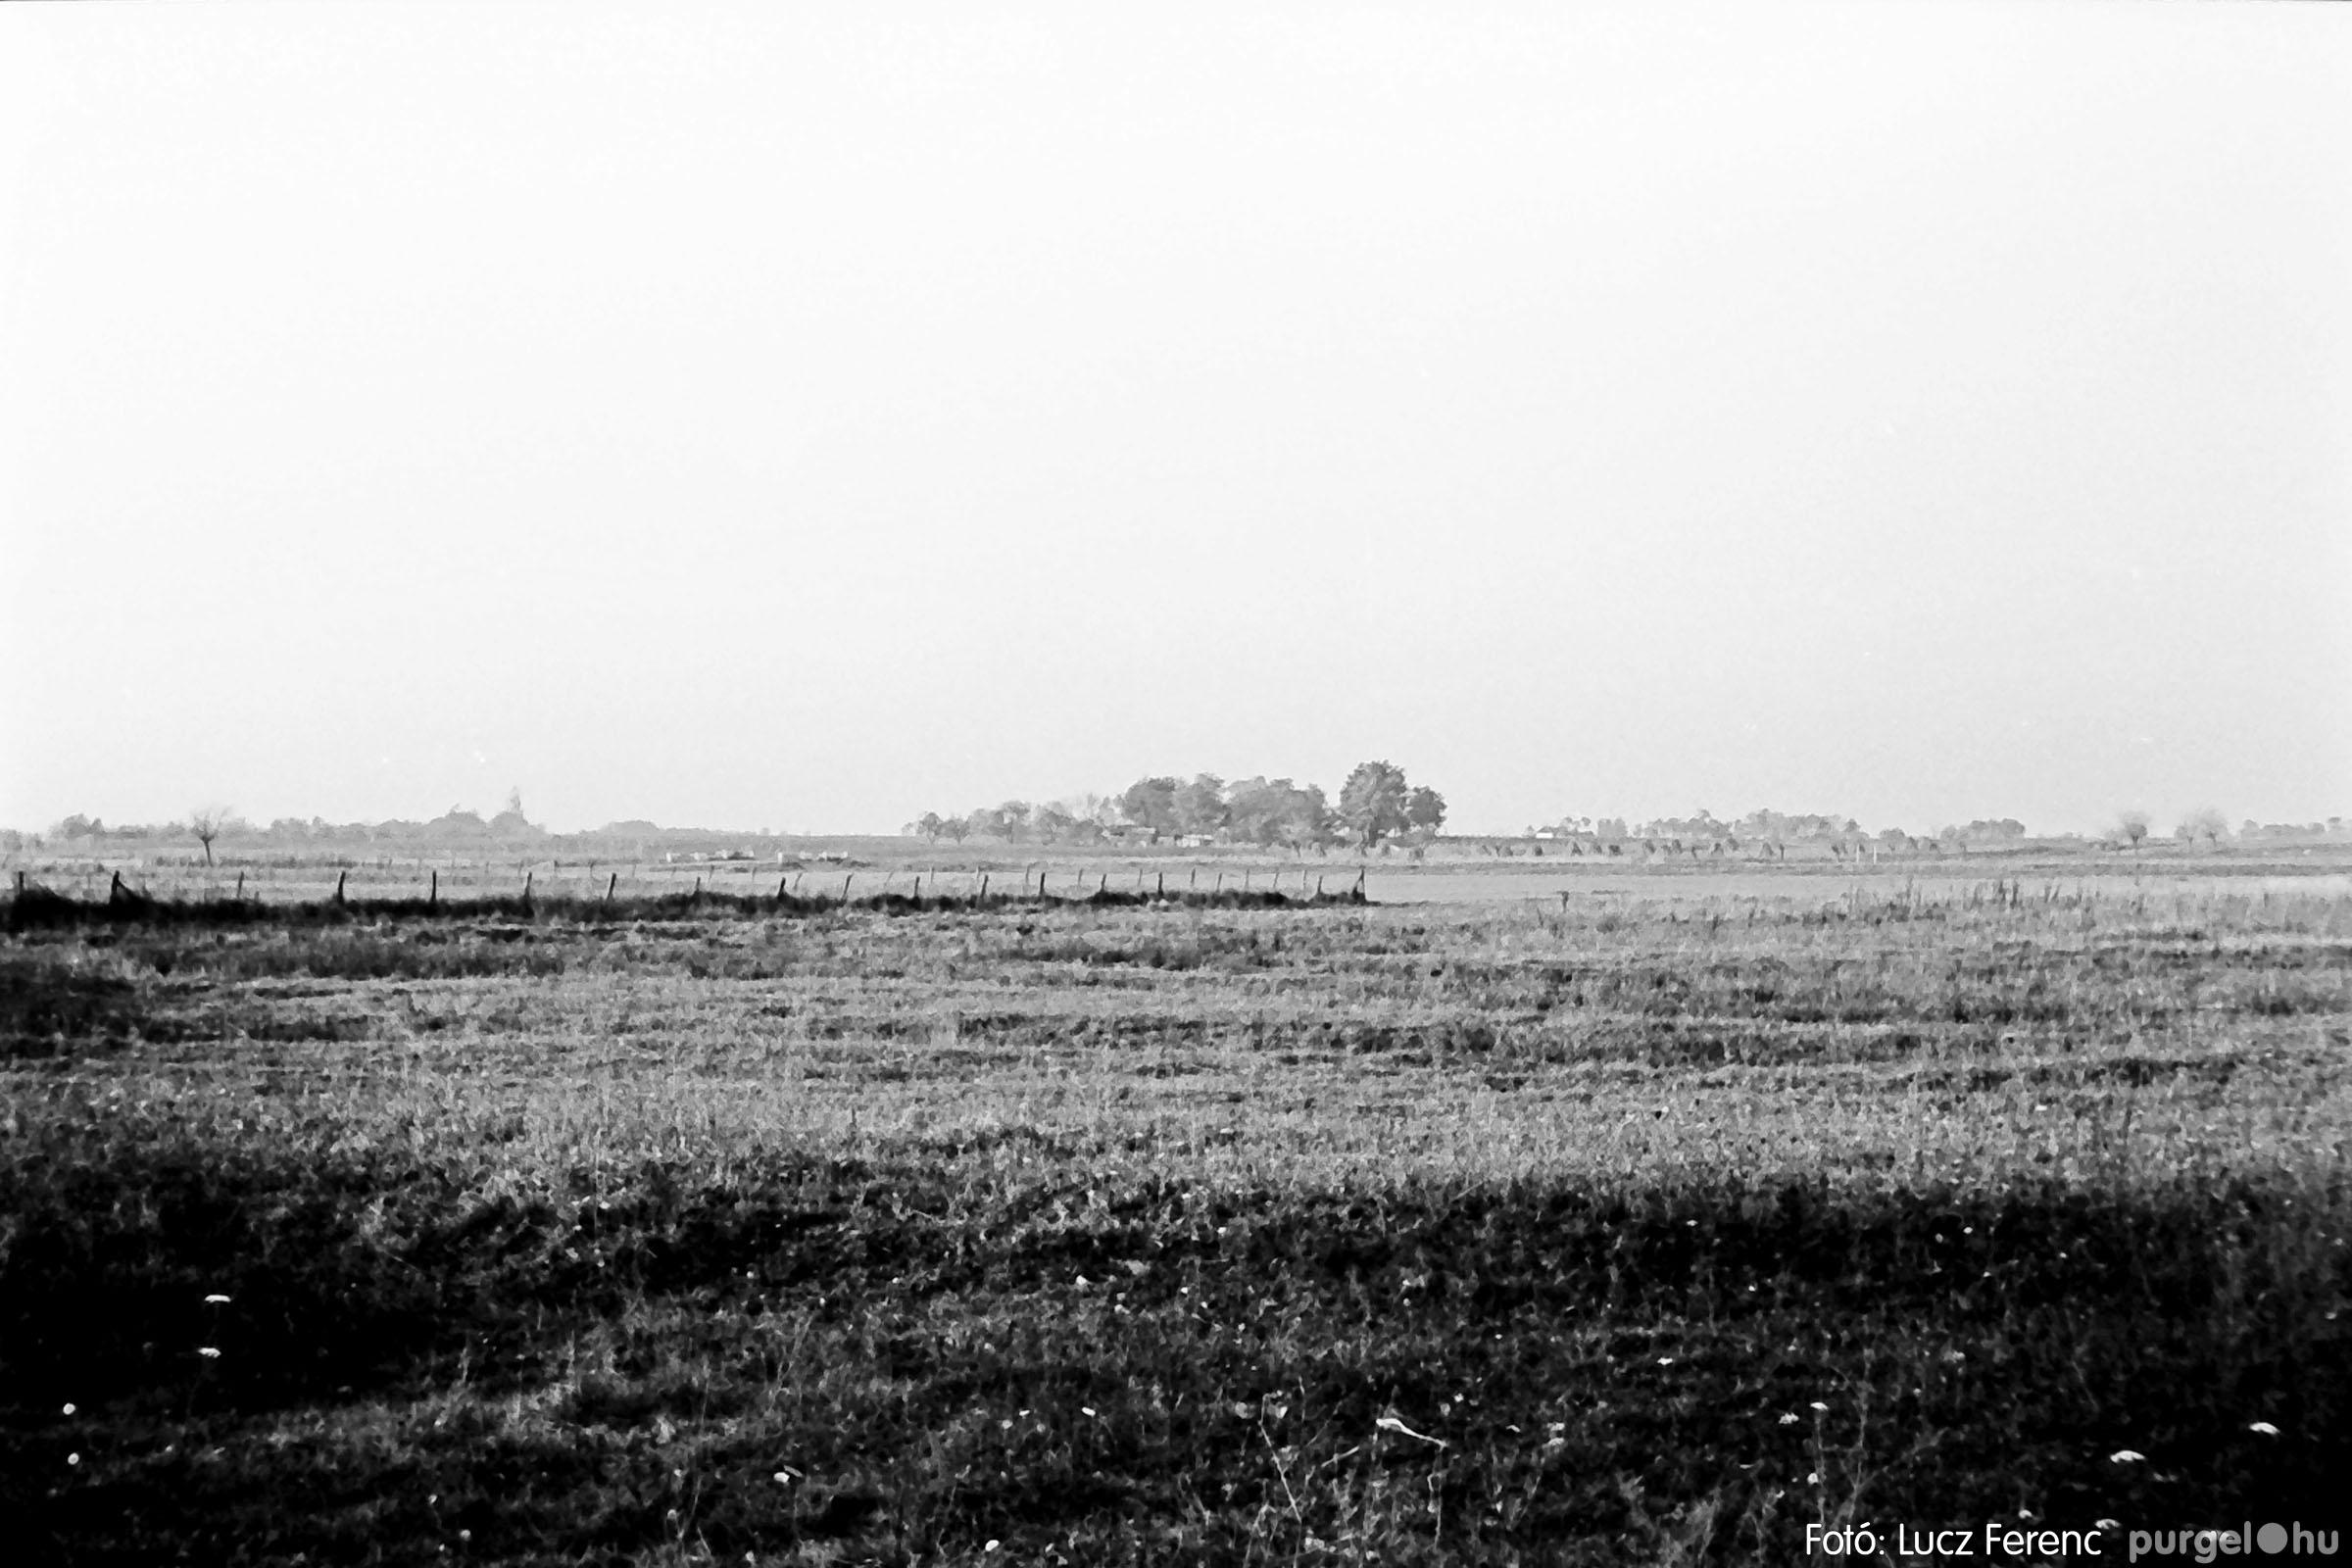 022 1975. Kurca, faluközpont, sportpálya 008 - Fotó: Lucz Ferenc .jpg